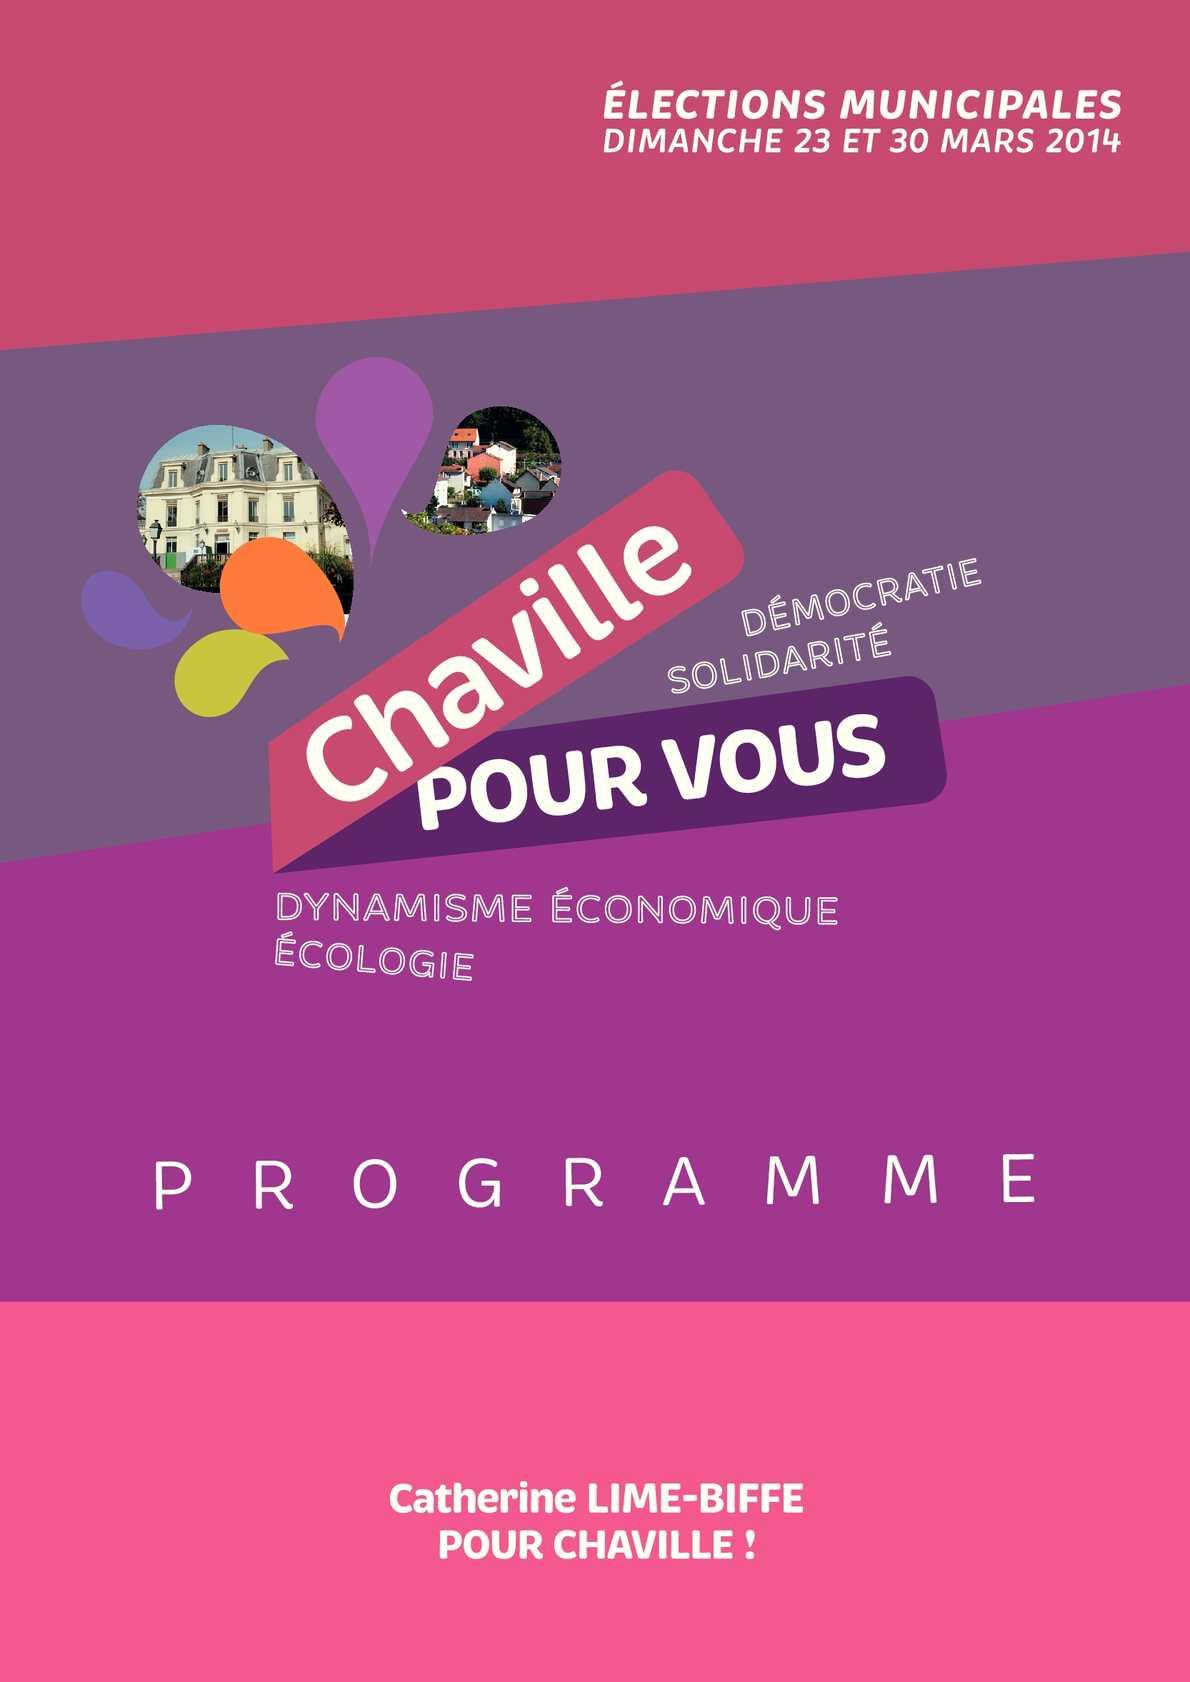 Les Sens Du Bien Etre Chaville calaméo - municipales chaville / programme chaville pour vous